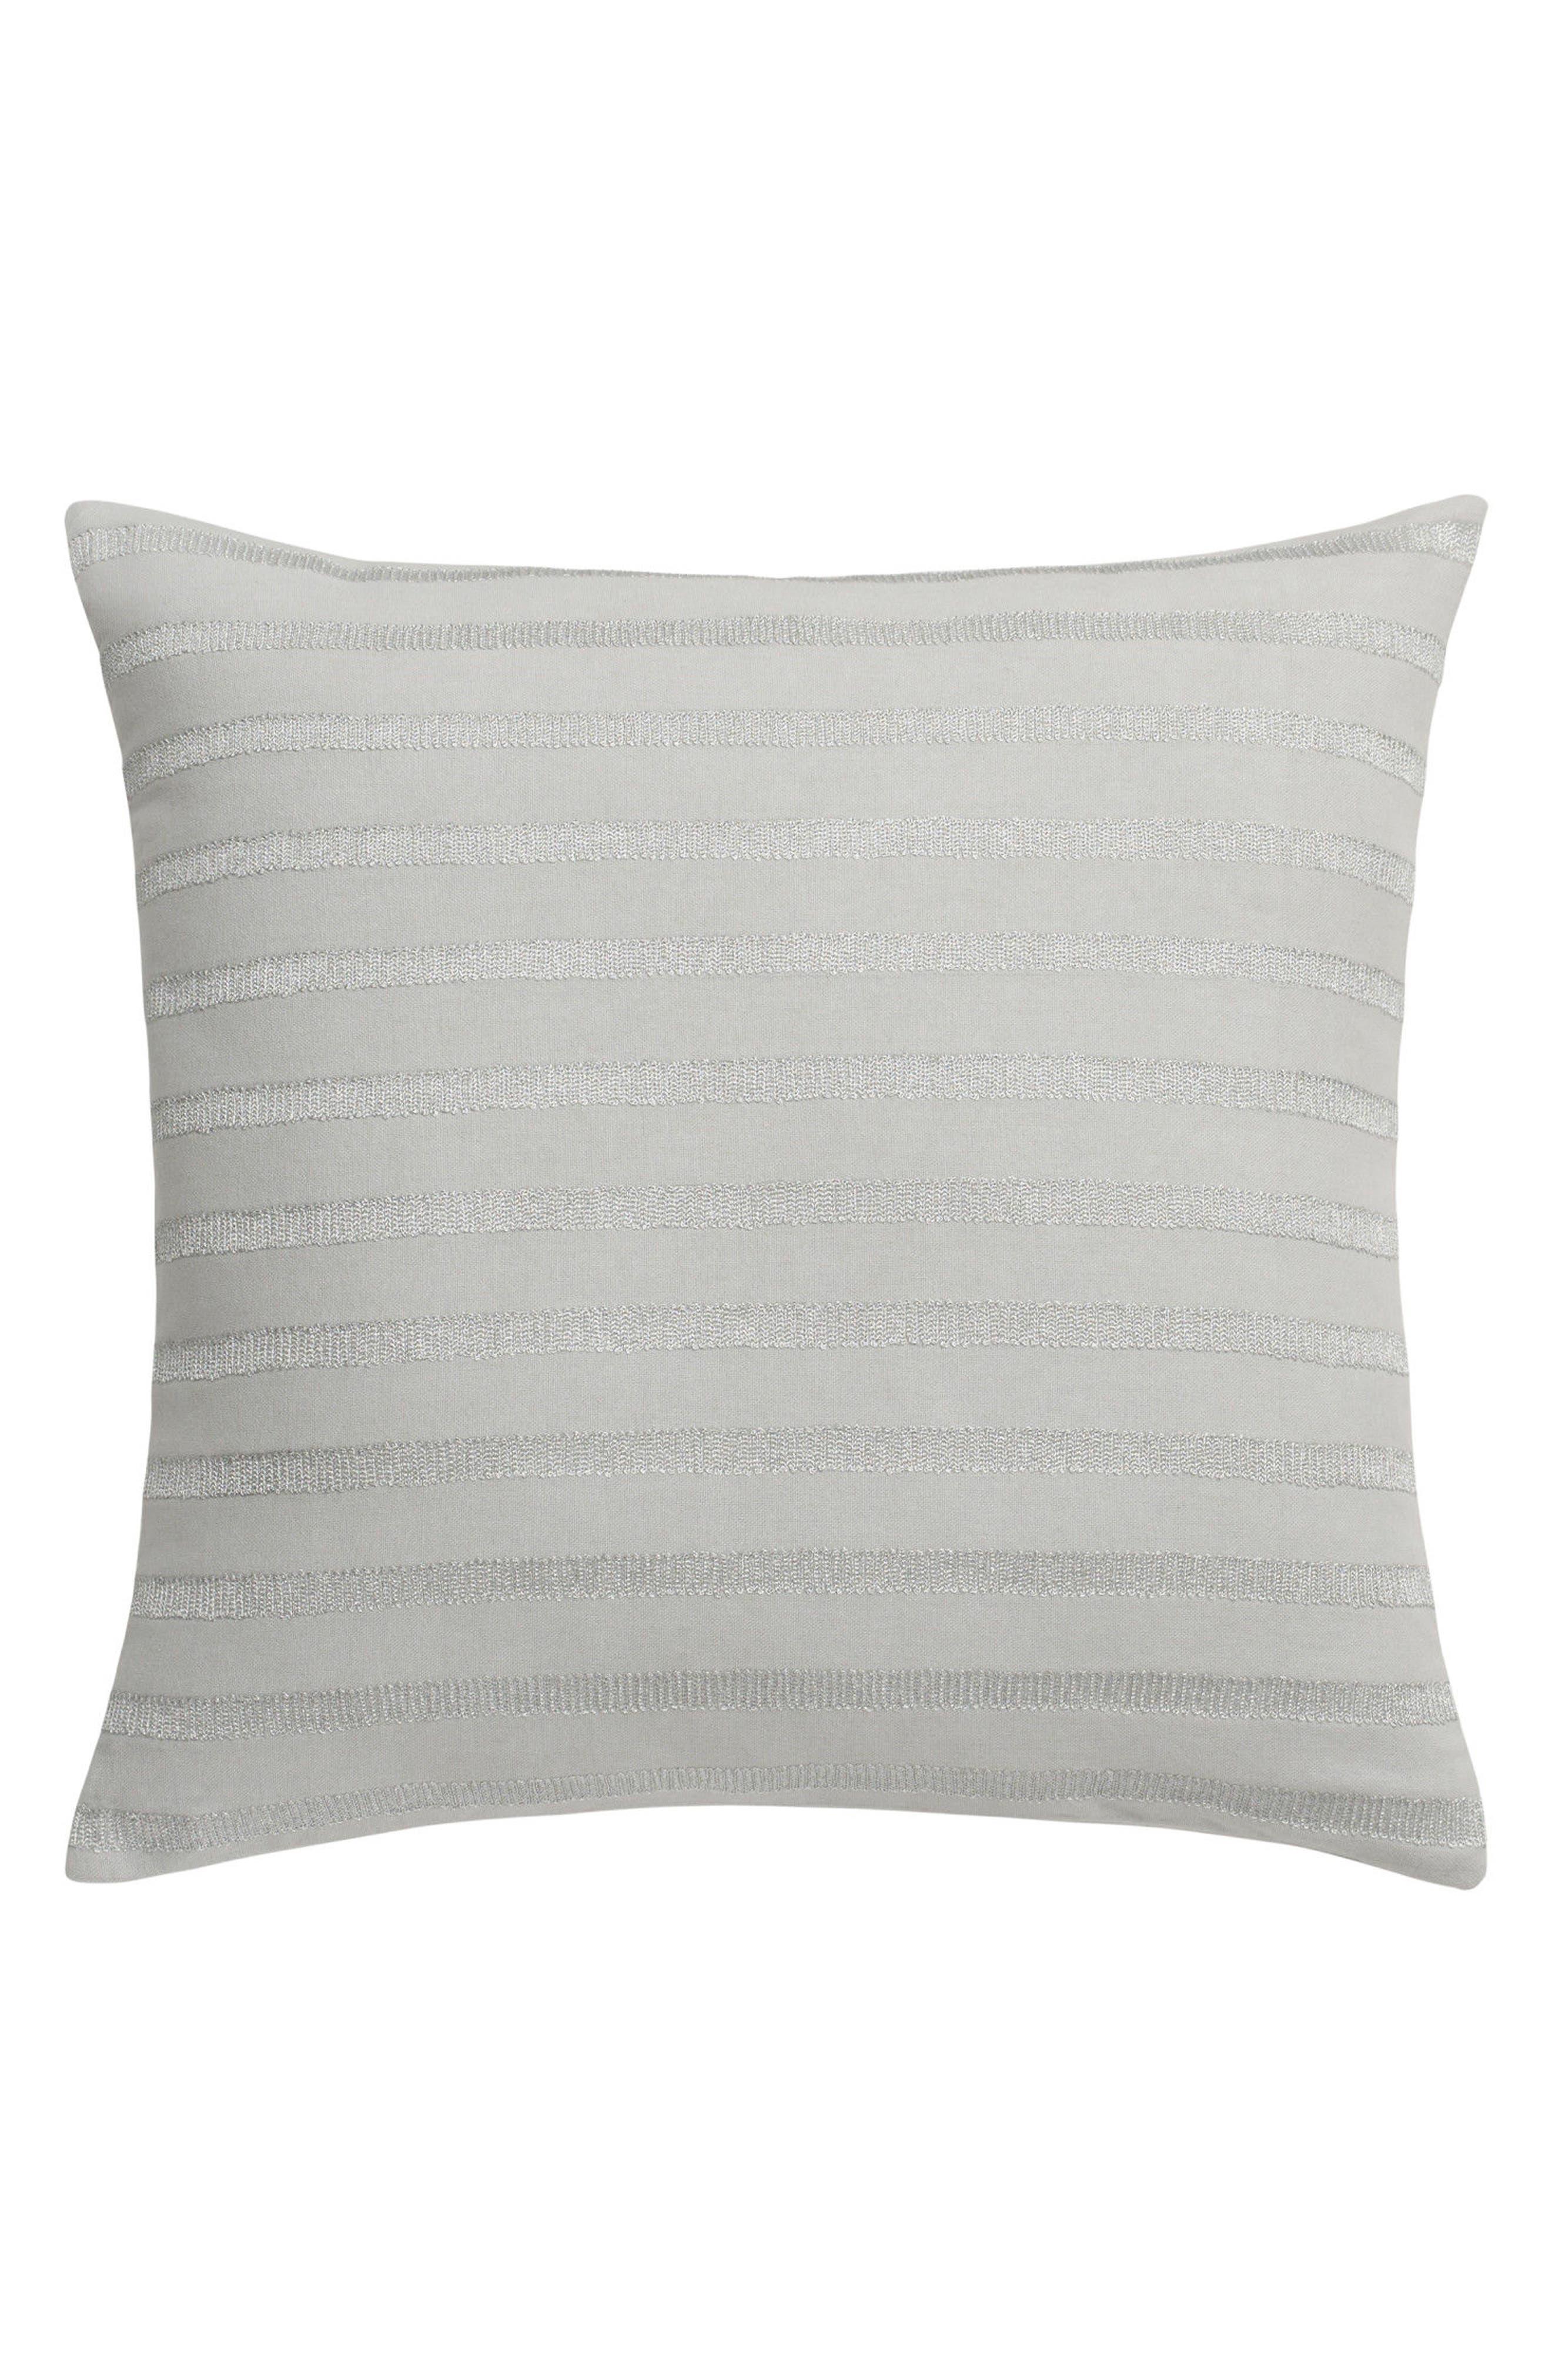 Capri Stripe Accent Pillow,                             Main thumbnail 1, color,                             020